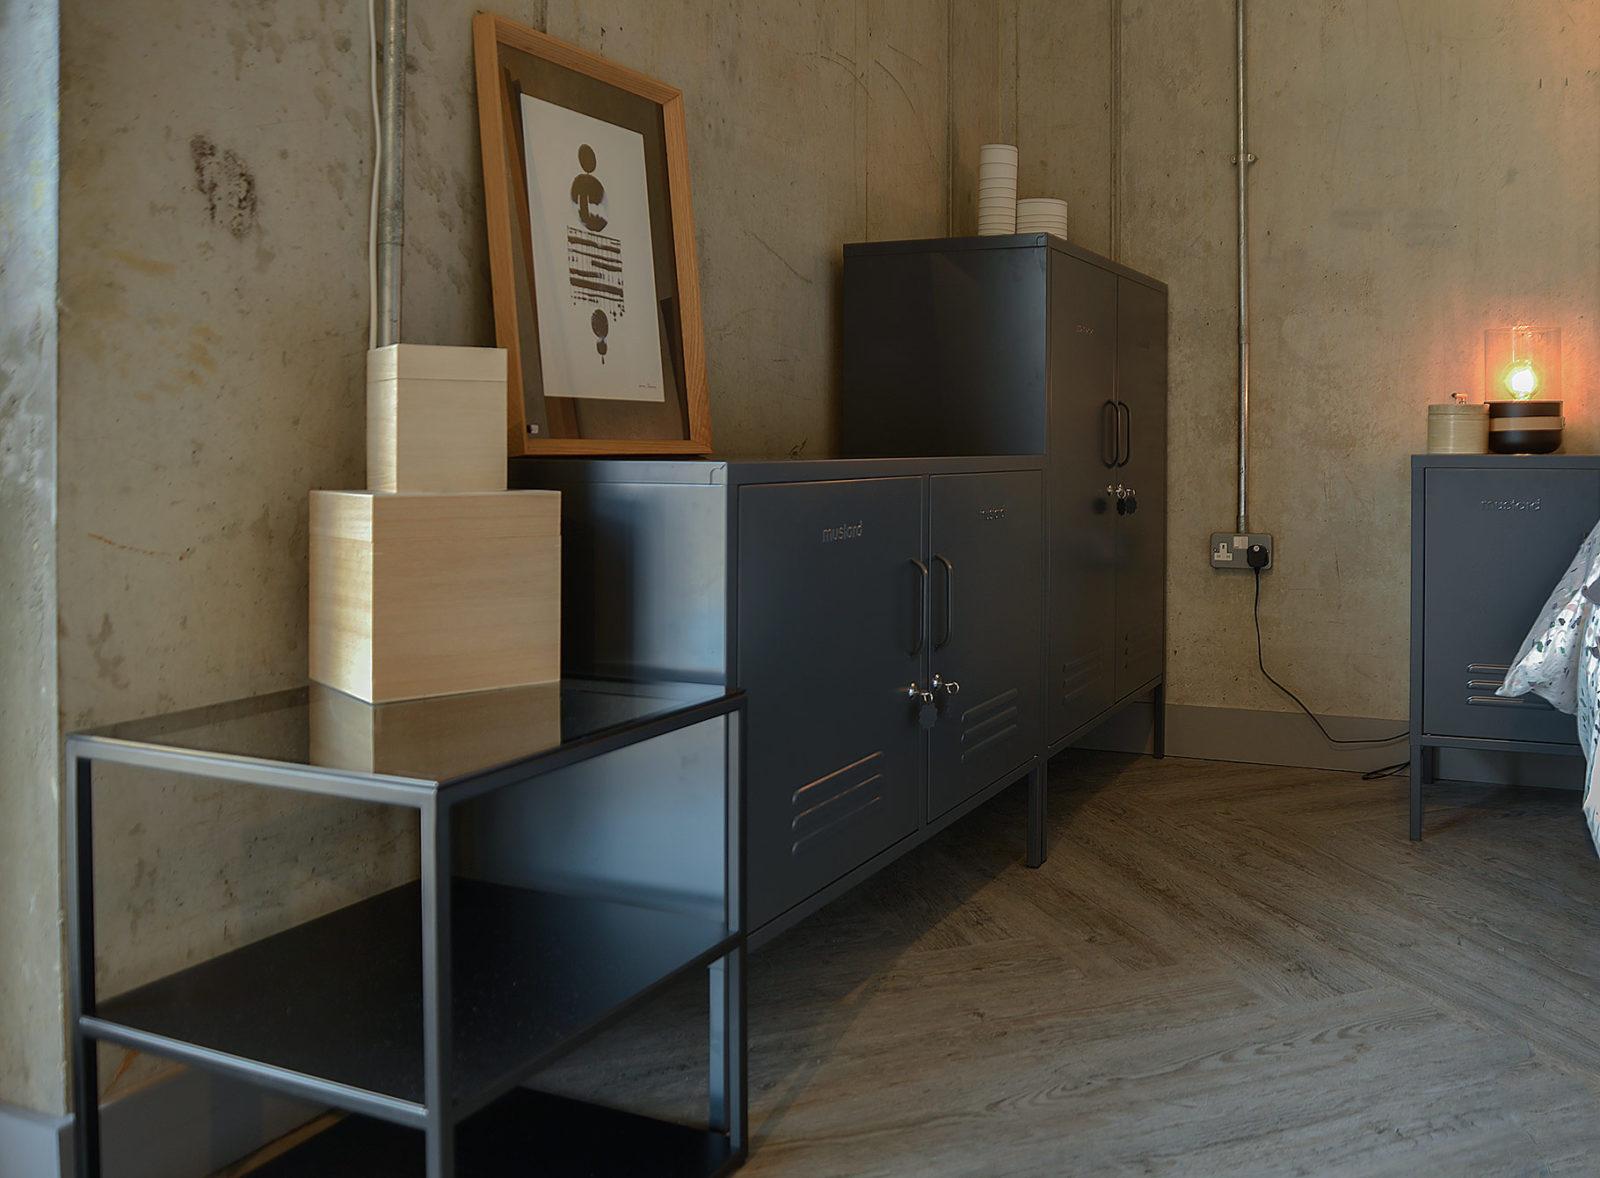 slate-grey-storage-lockers